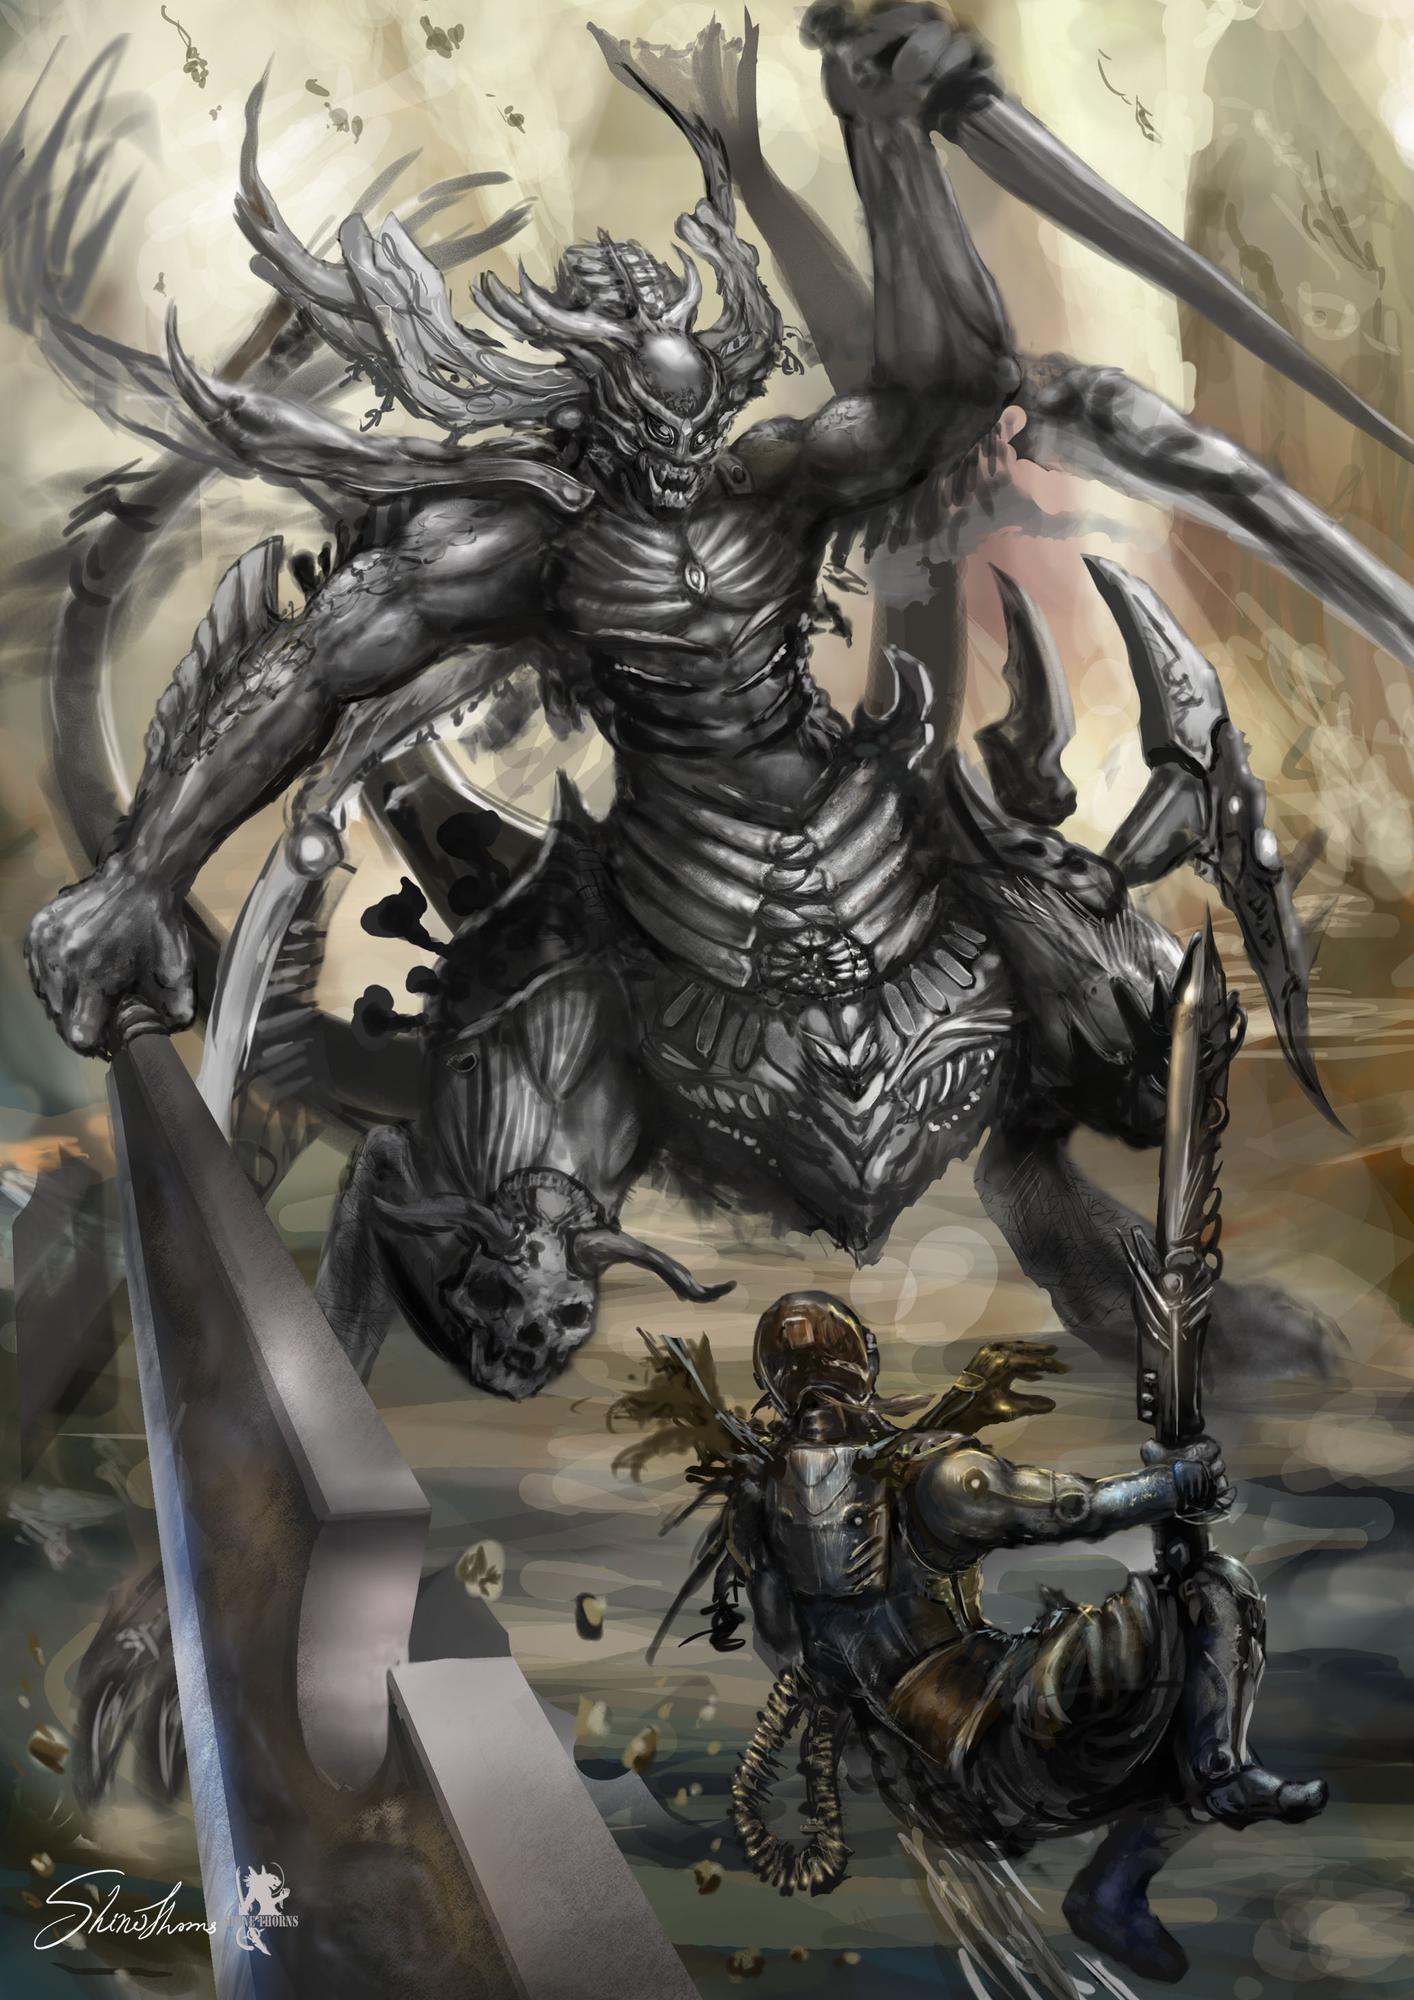 Thorns shine monster3 3 s